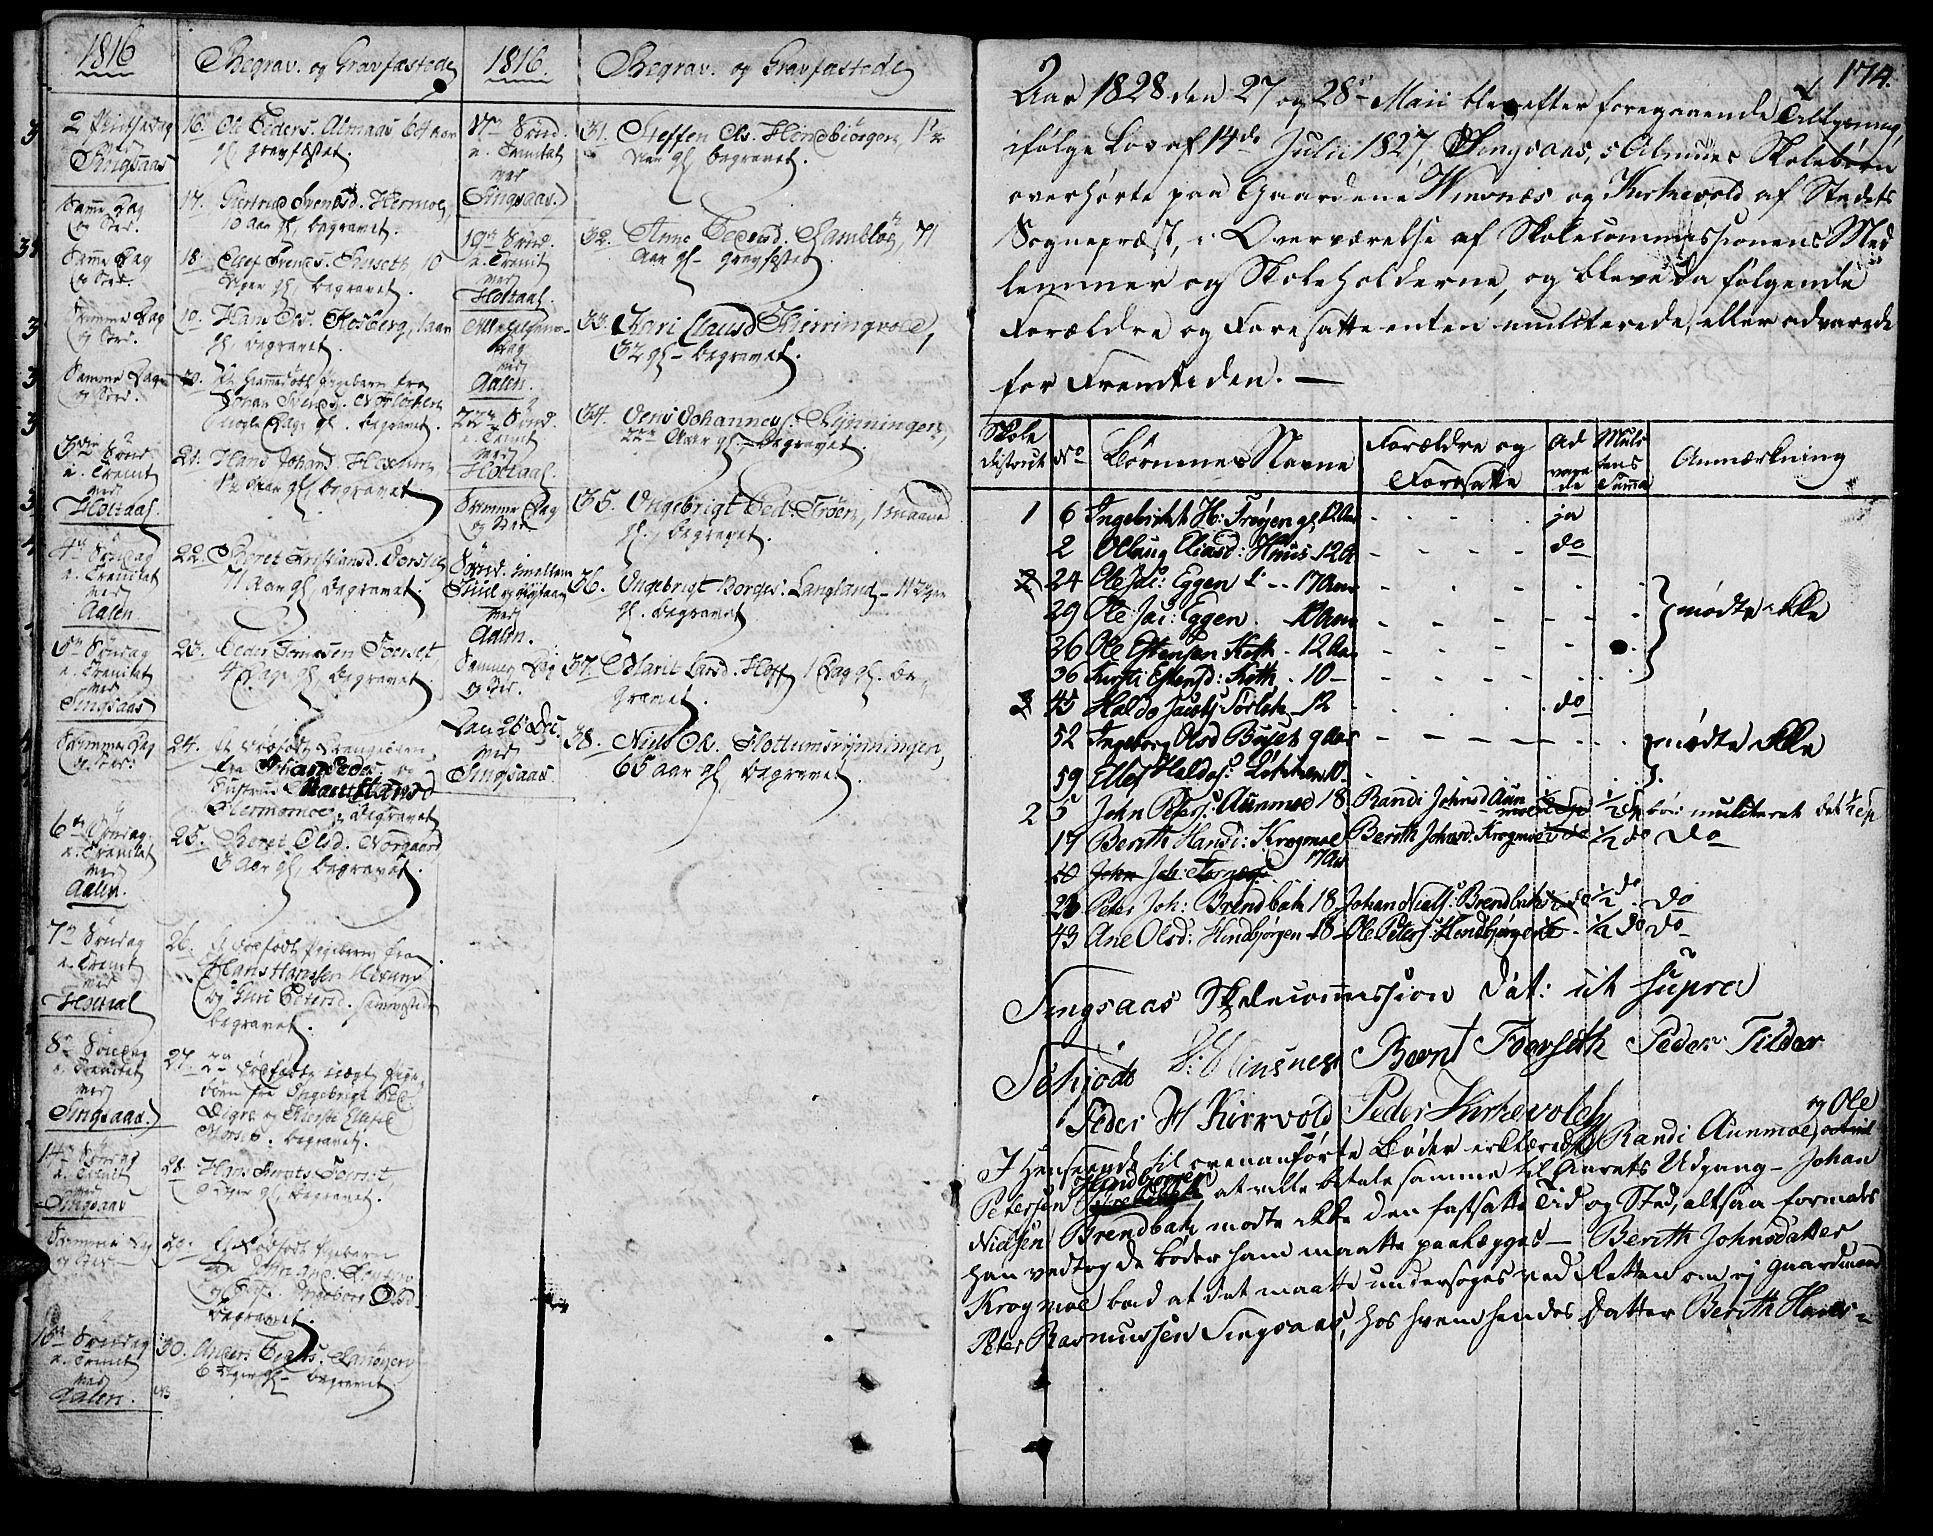 SAT, Ministerialprotokoller, klokkerbøker og fødselsregistre - Sør-Trøndelag, 685/L0953: Ministerialbok nr. 685A02, 1805-1816, s. 174